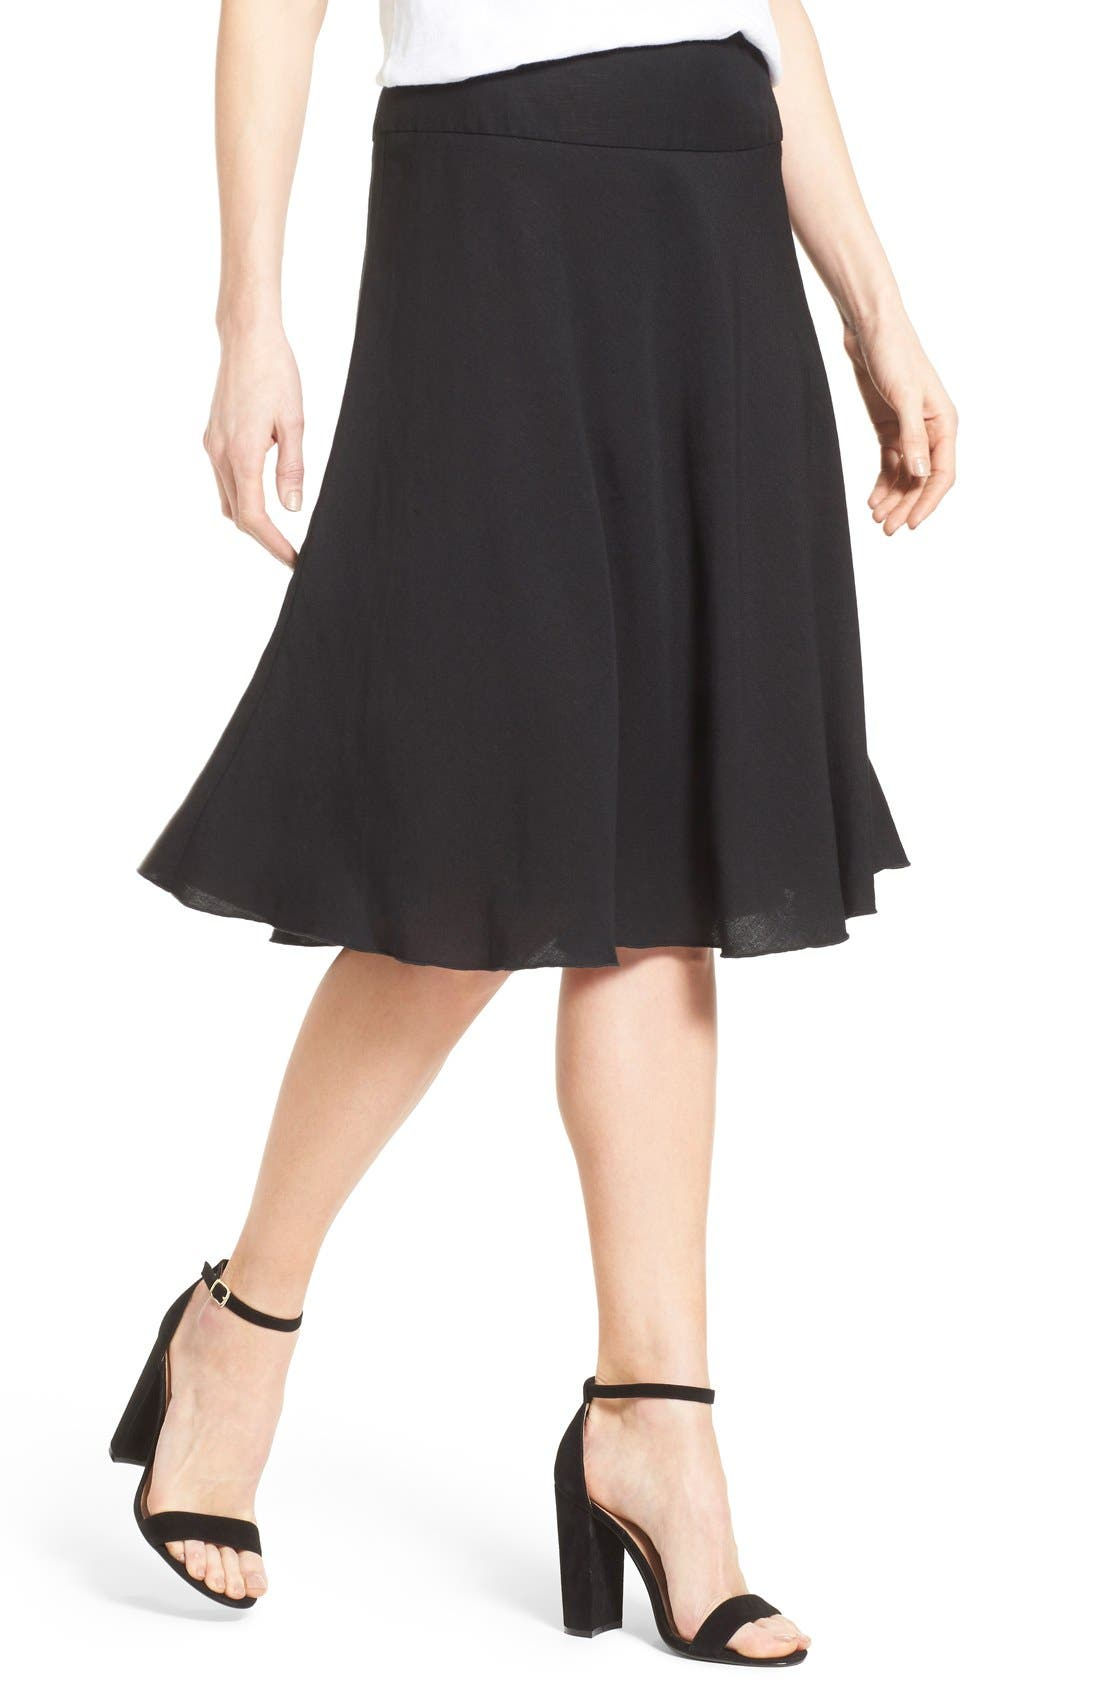 Summer Fling Linen Blend Skirt,                             Alternate thumbnail 4, color,                             BLACK ONYX